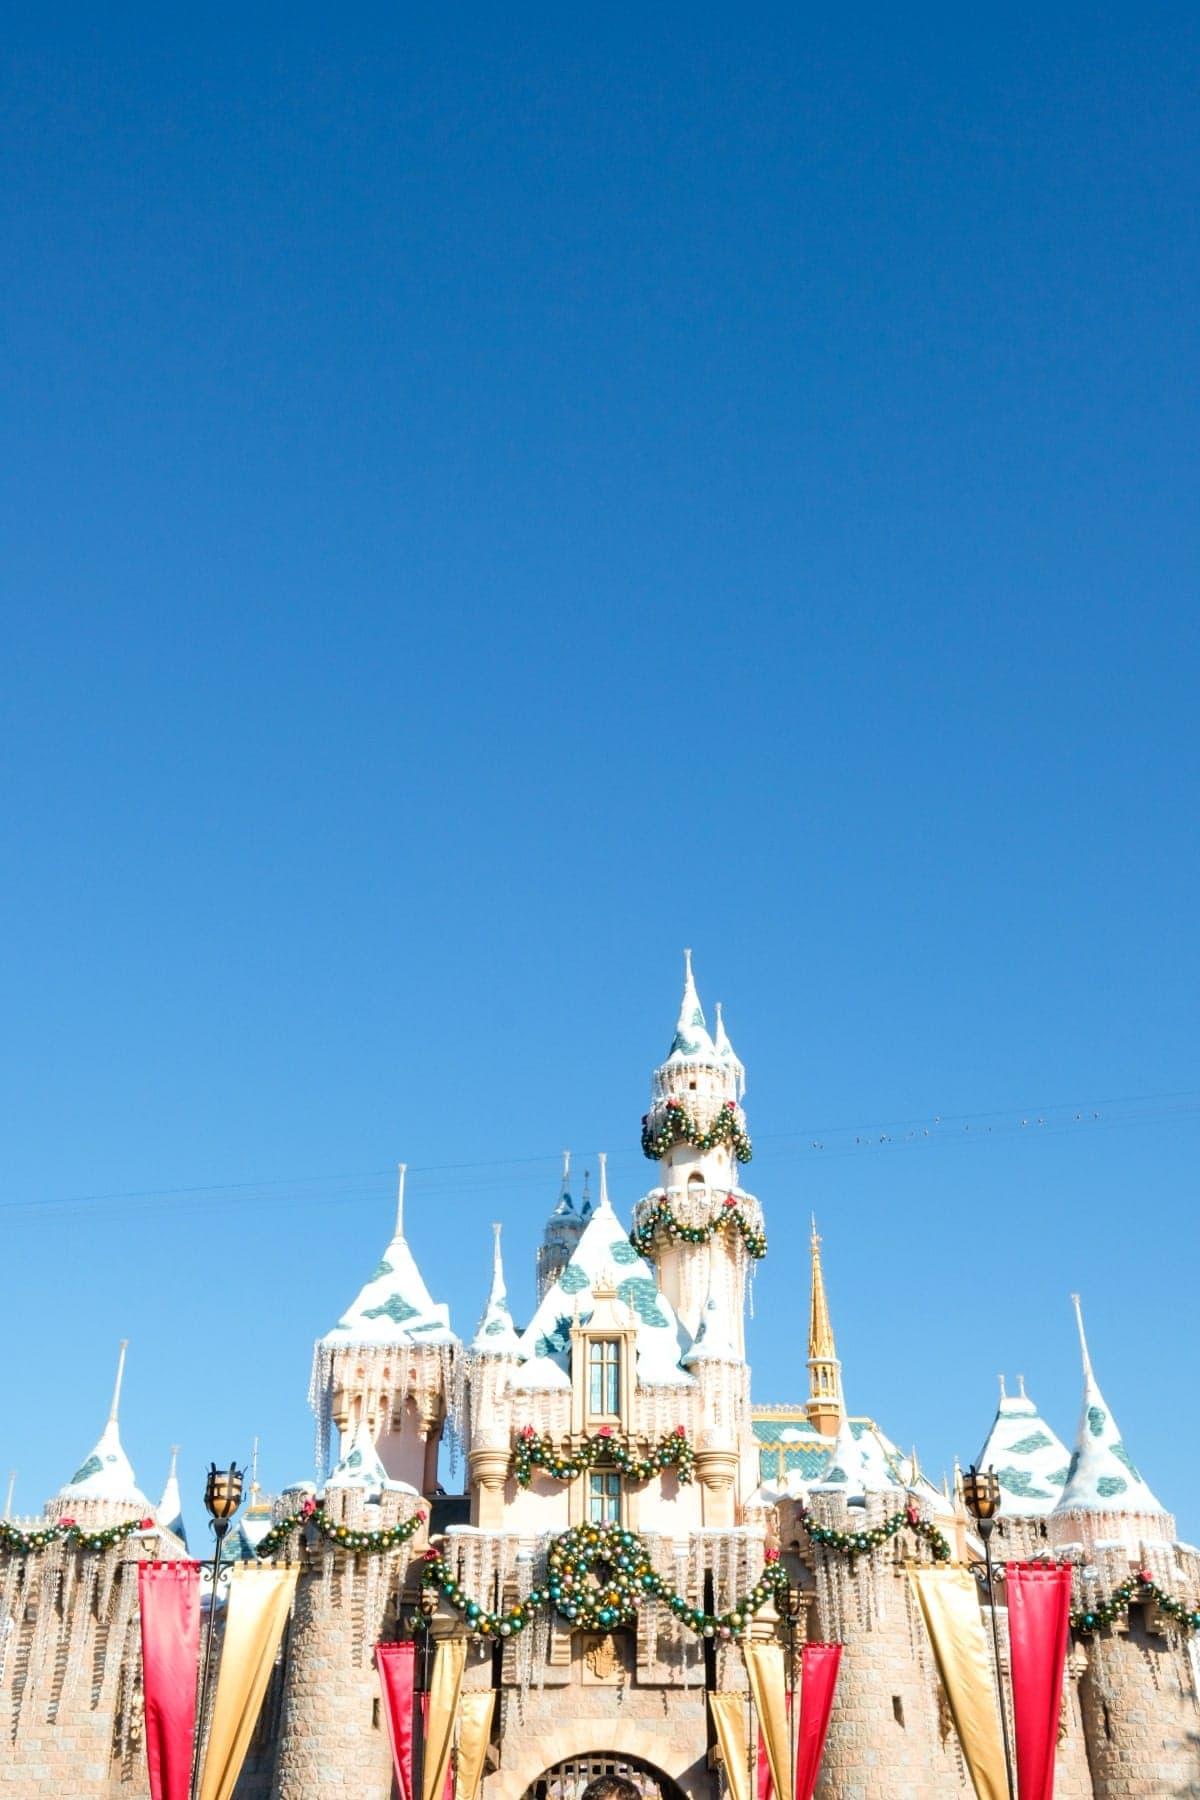 48 Festive Hours in LA